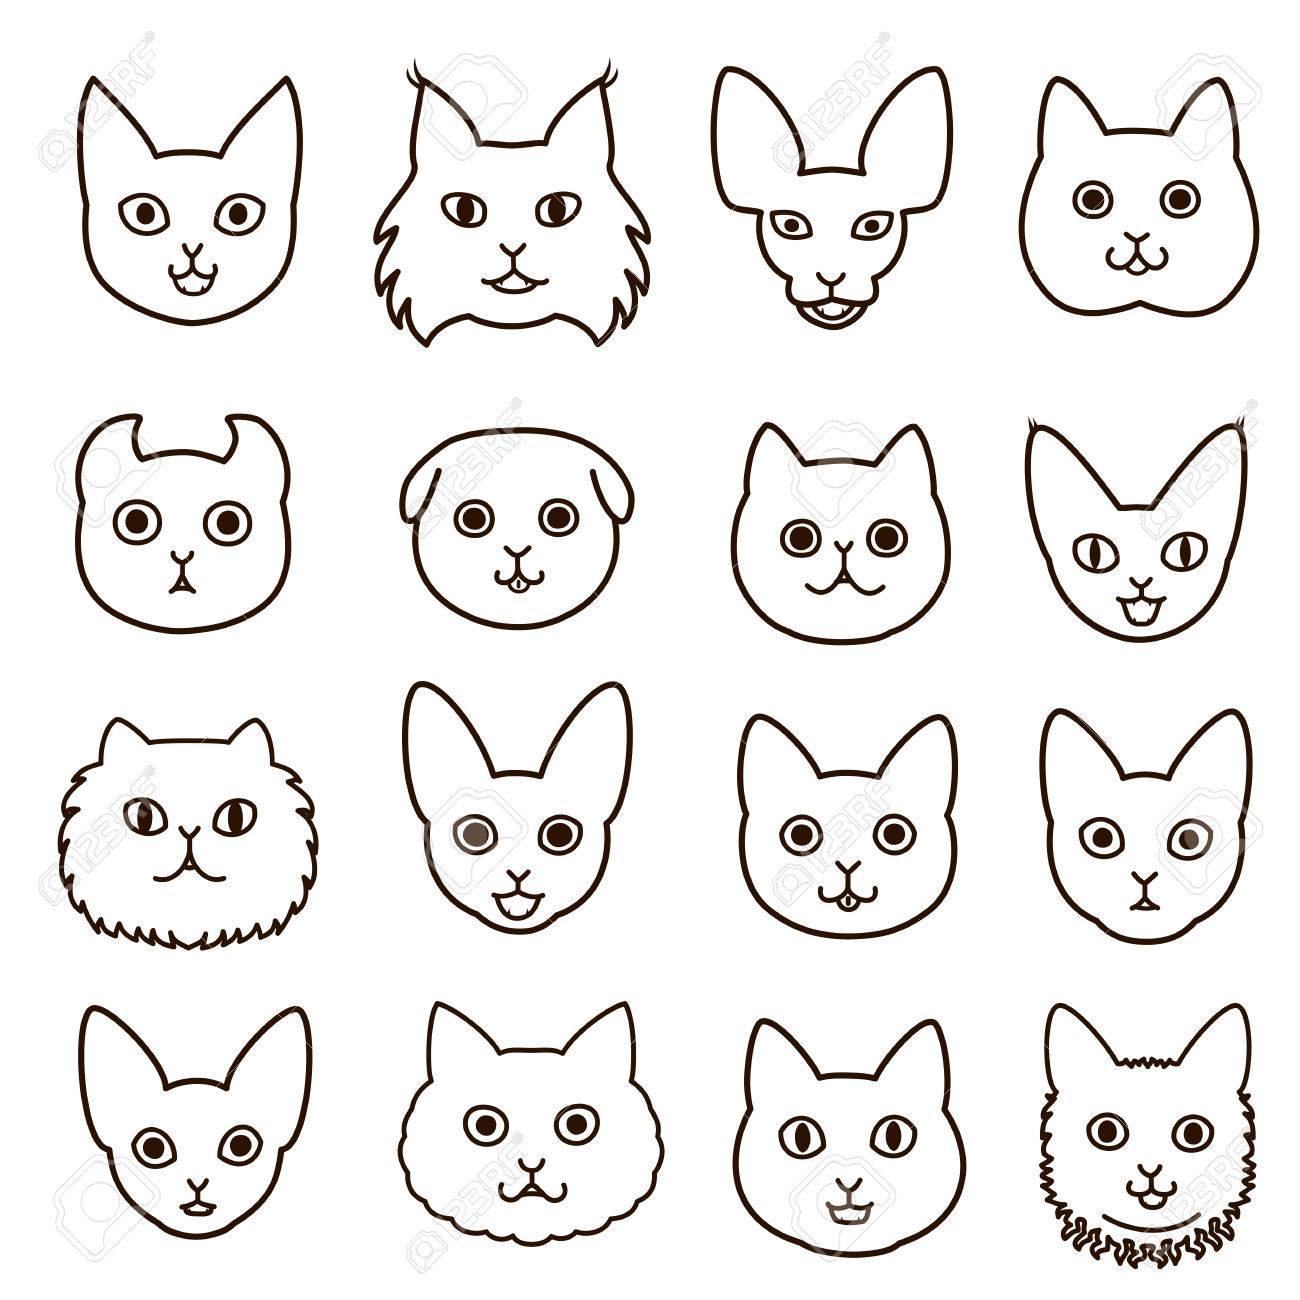 かわいい猫顔ライン アート セットのイラスト素材 ベクタ Image